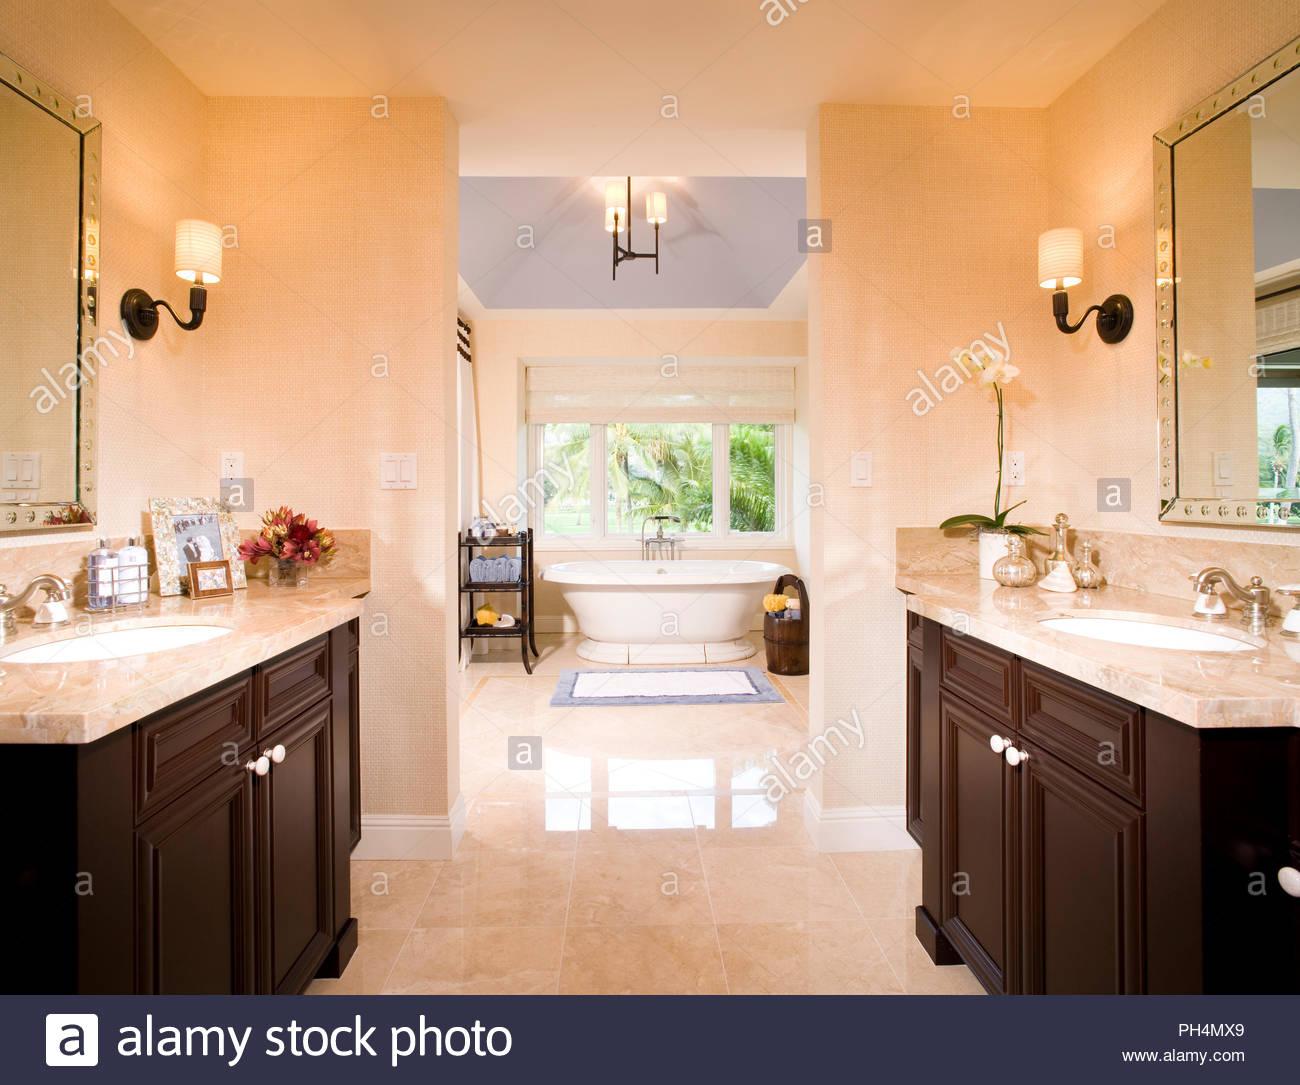 Monochrome bathroom - Stock Image